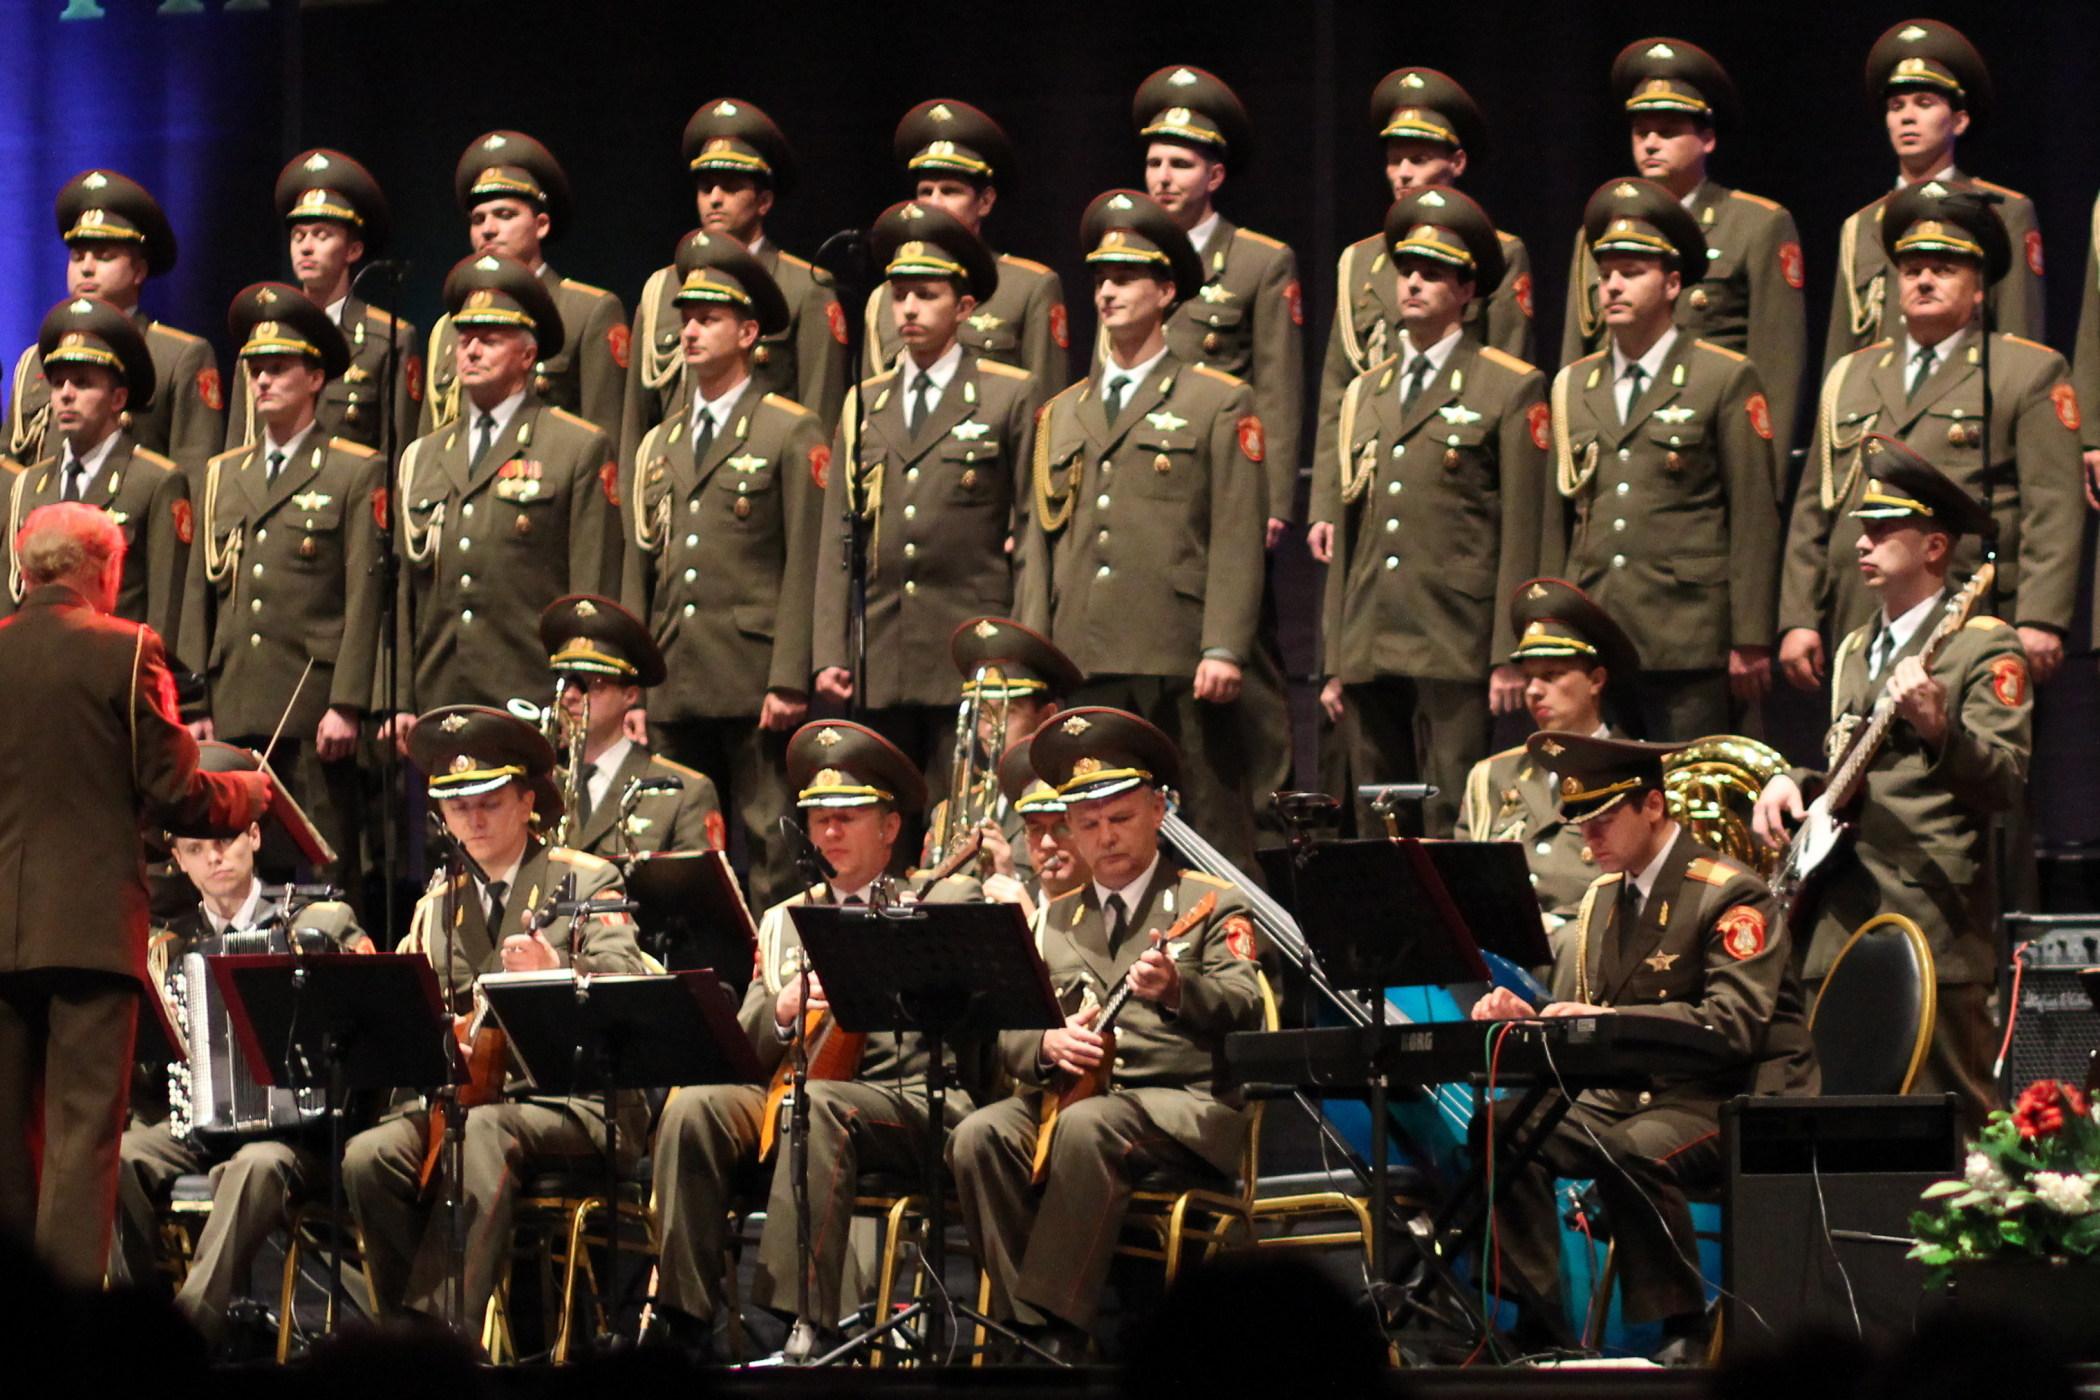 alexandrovci-2012-zvolen-13